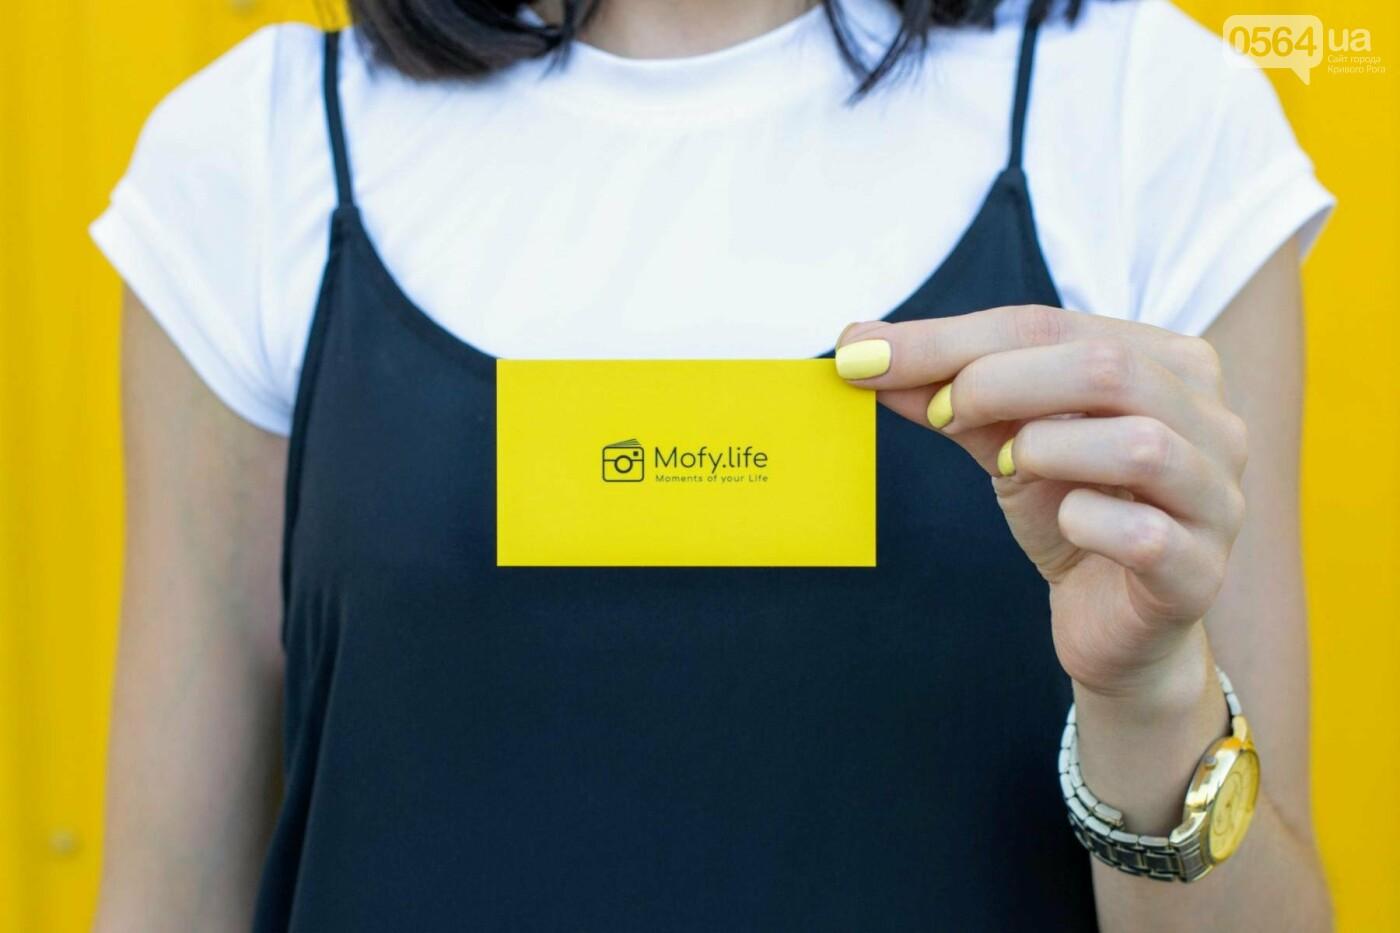 История успеха: Как мариупольчанка превратила счастливые моменты в бизнес, - ФОТО, ВИДЕО, фото-4